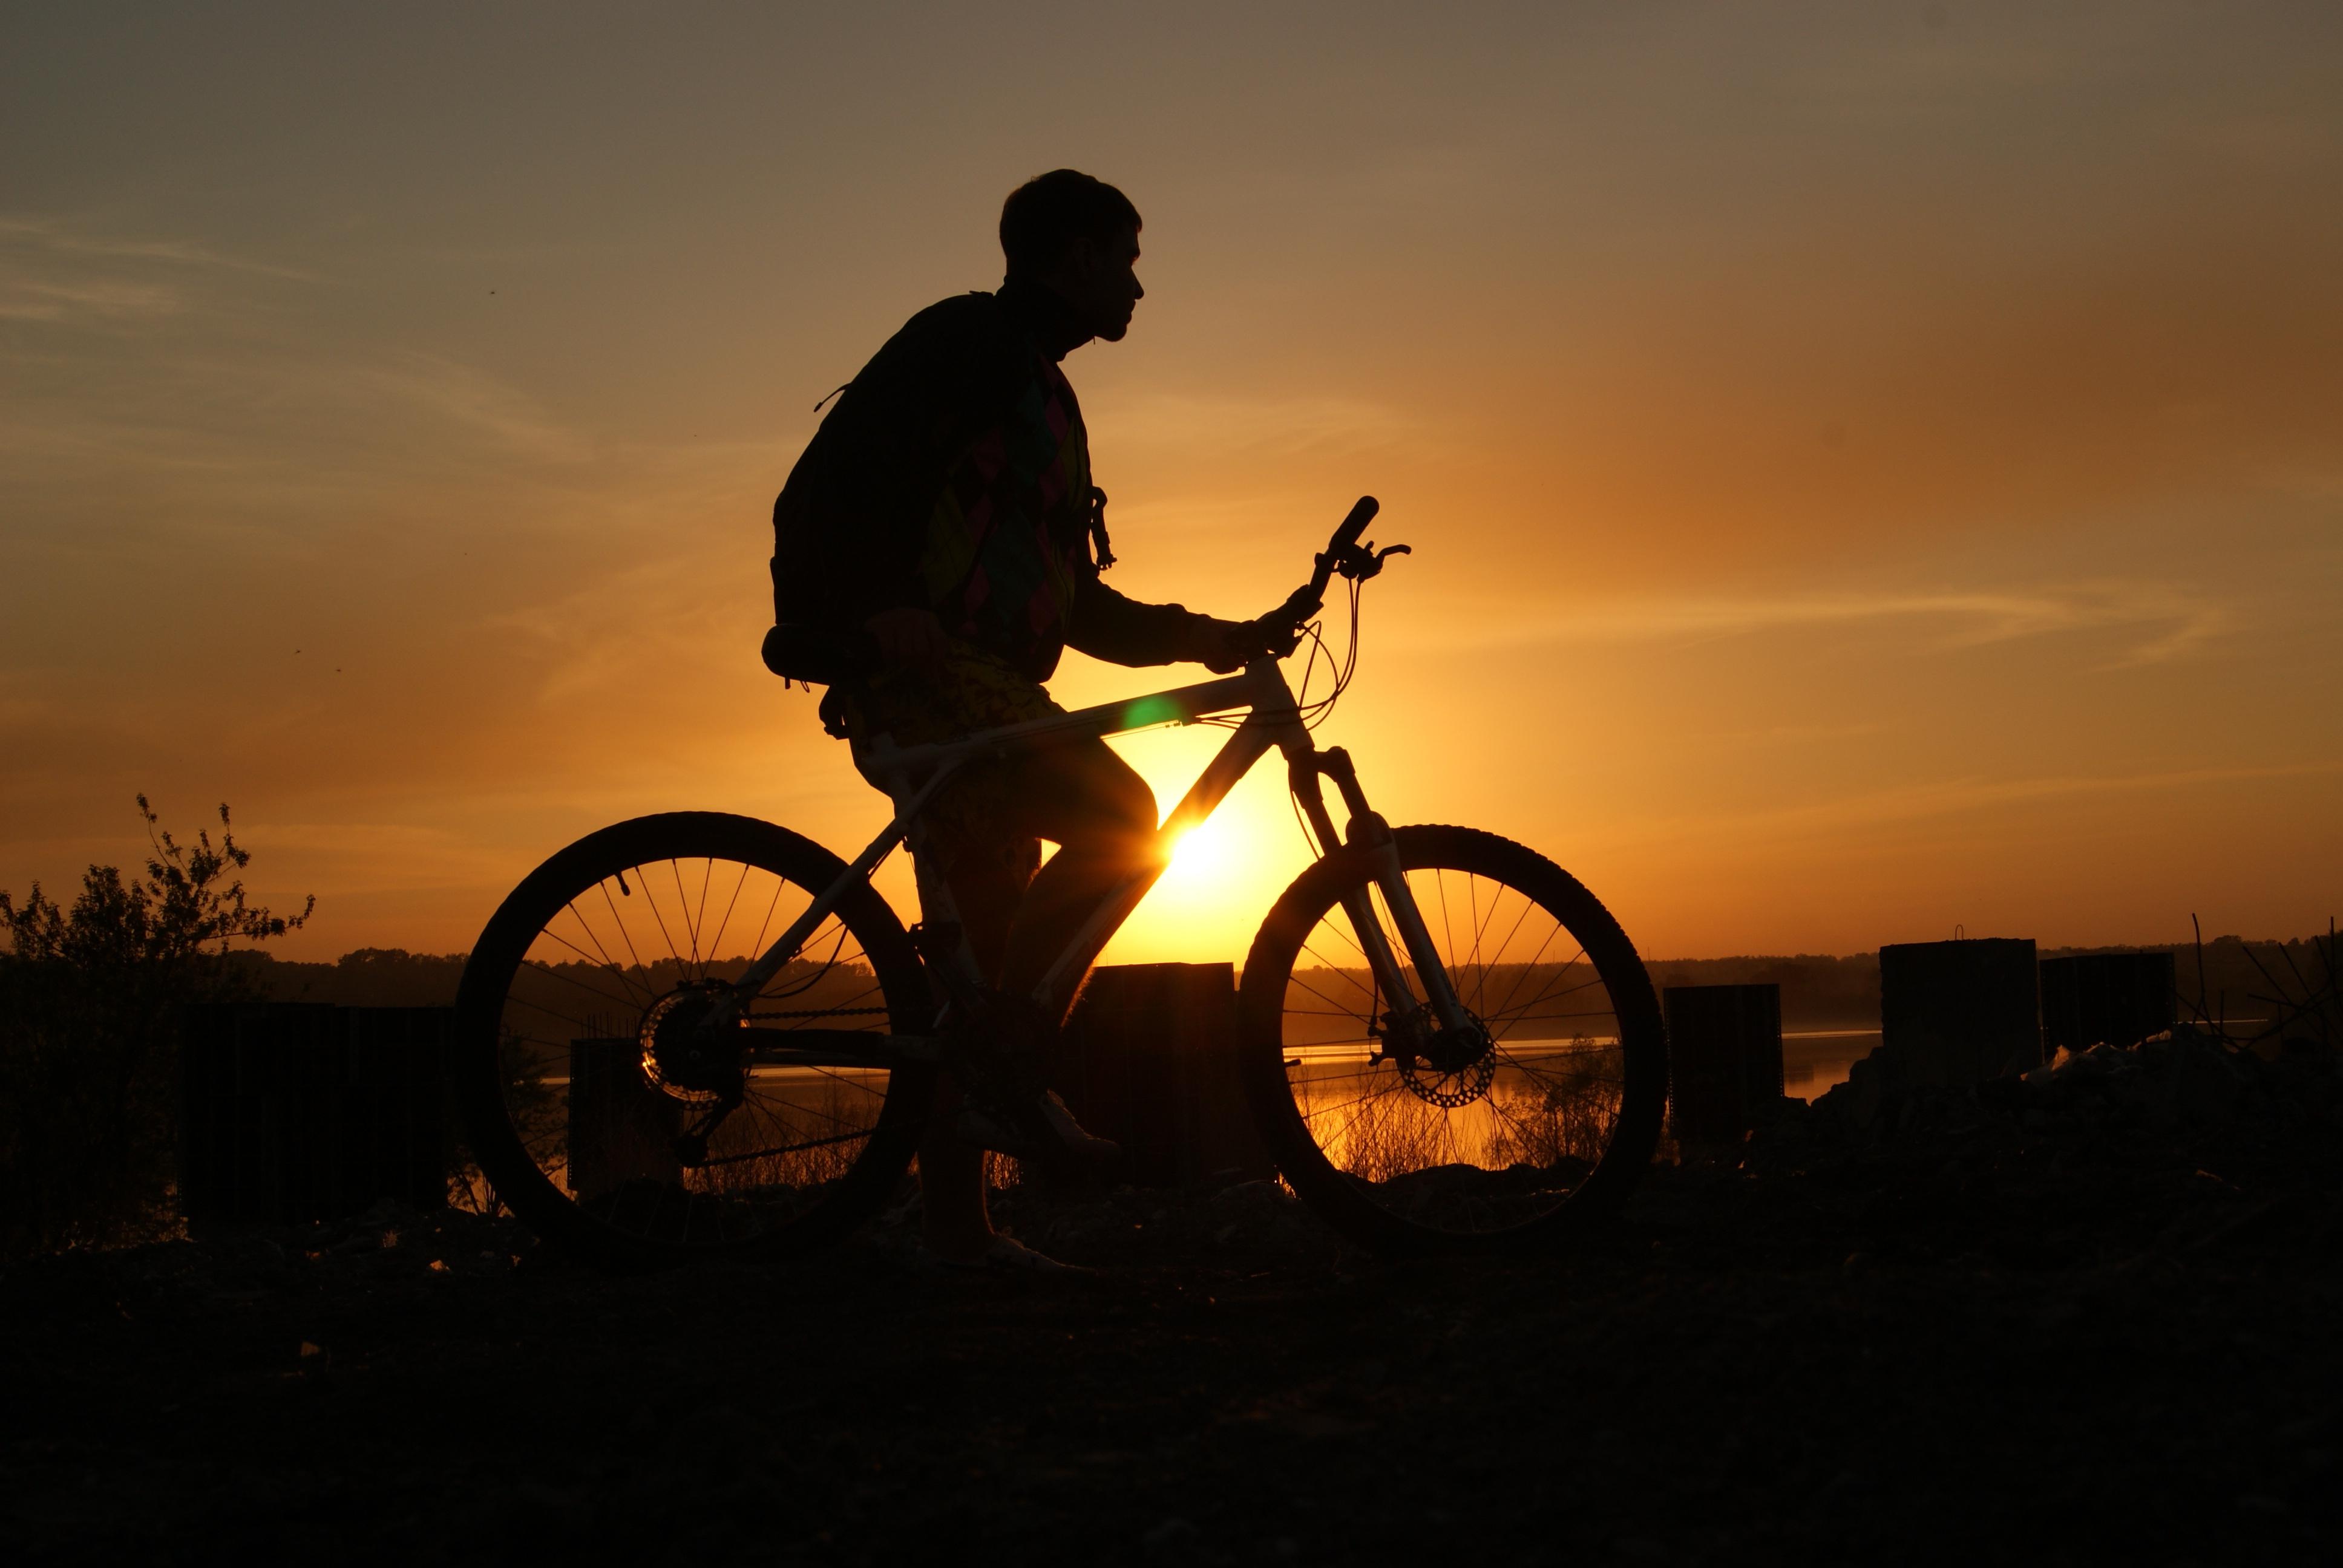 Фотография Мужчины силуэта велосипеды рассвет и закат Сбоку 3872x2592 мужчина Силуэт силуэты Велосипед велосипеде Рассветы и закаты